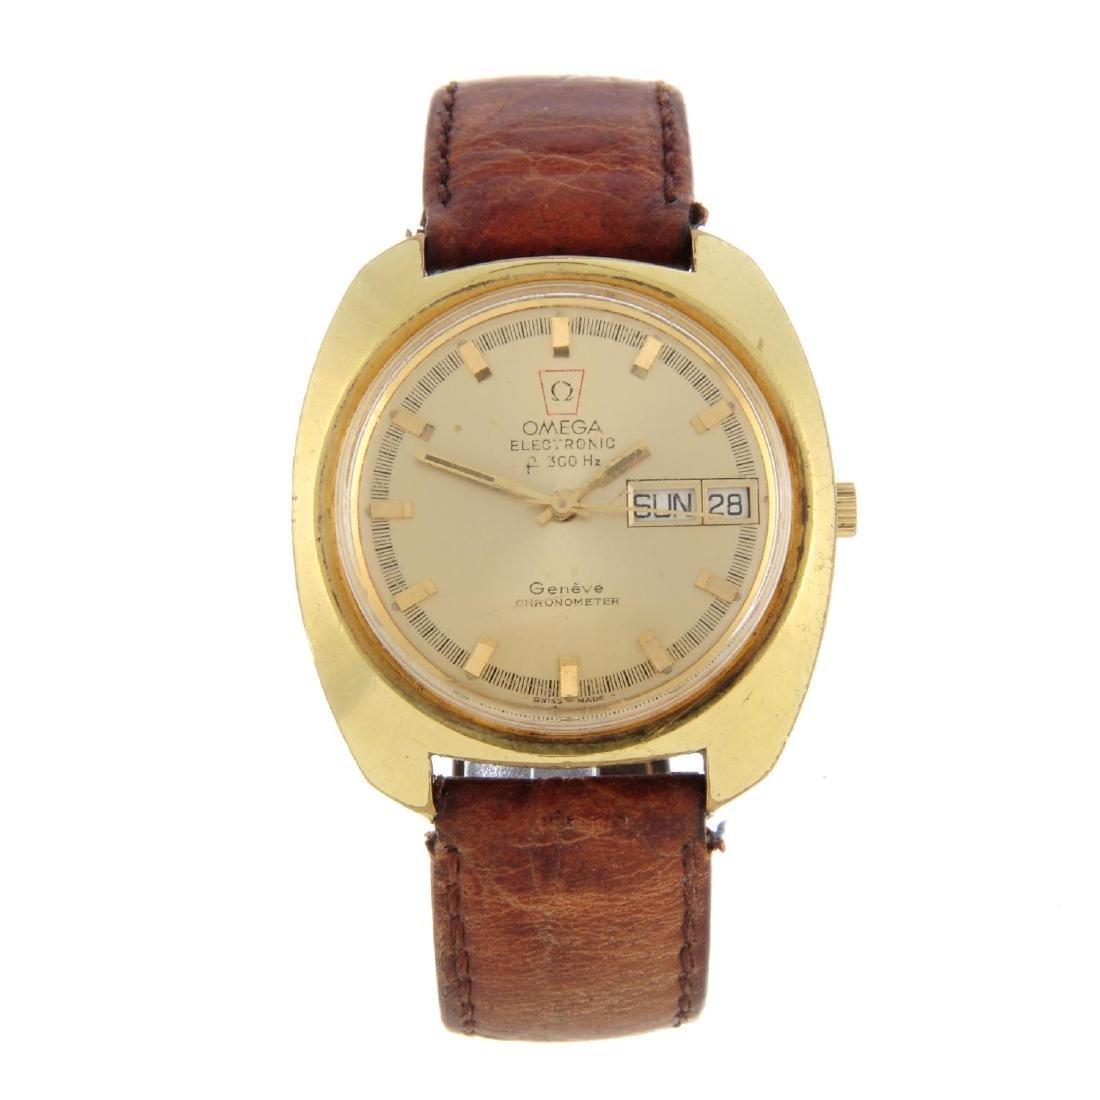 OMEGA - a gentleman's Genève F300 Hz wrist watch. Gold